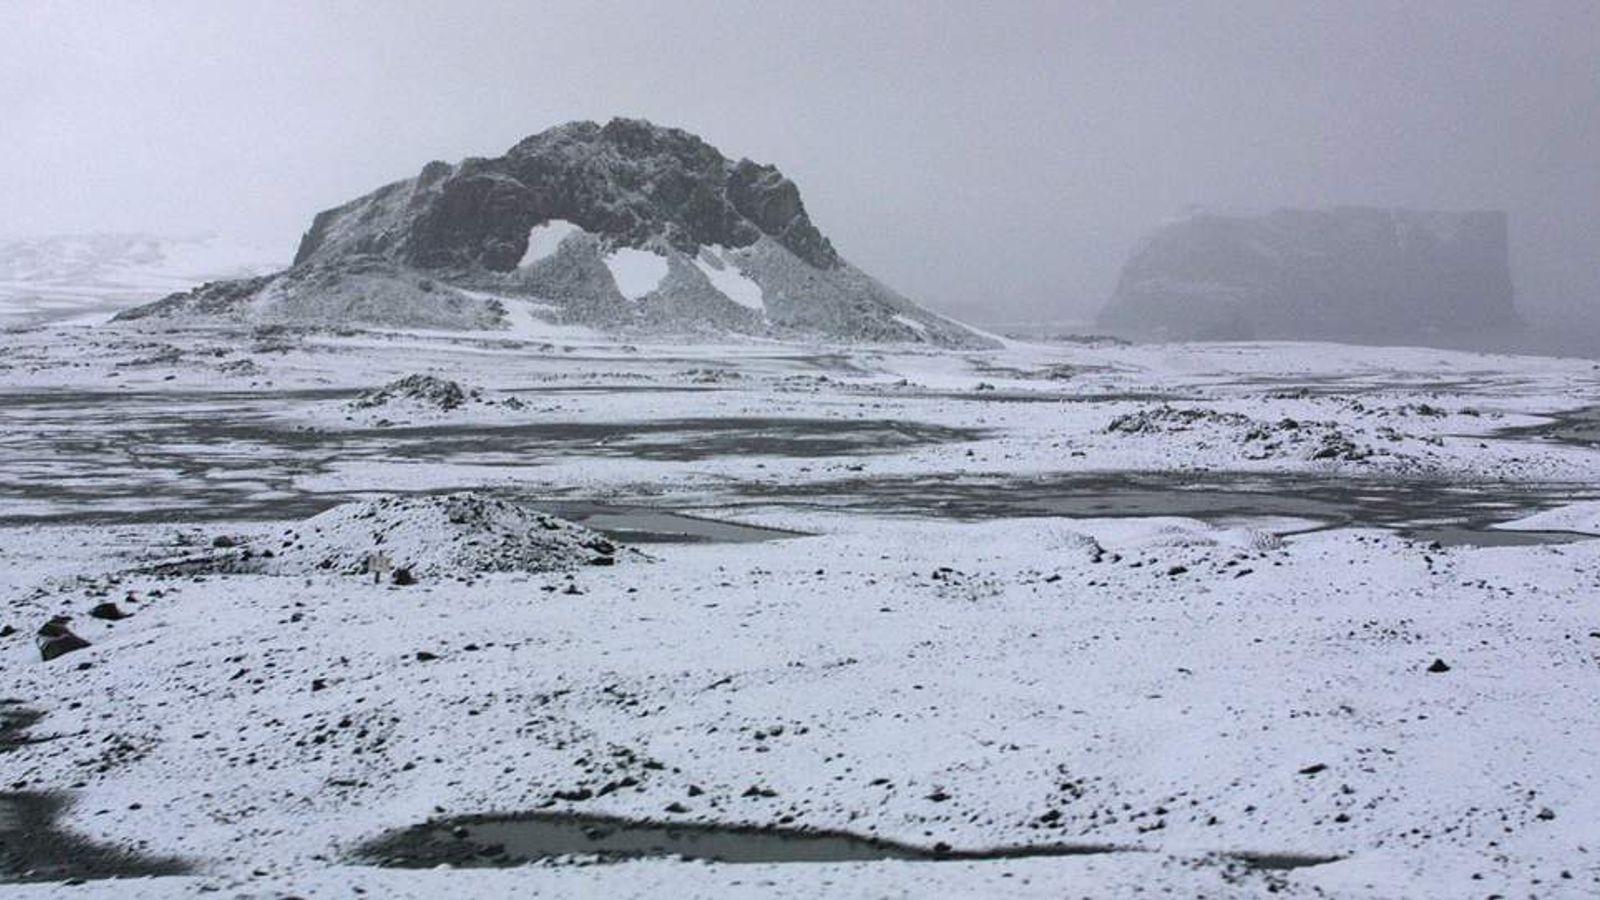 Antarctica Sets 95c Record Low Temperature World News